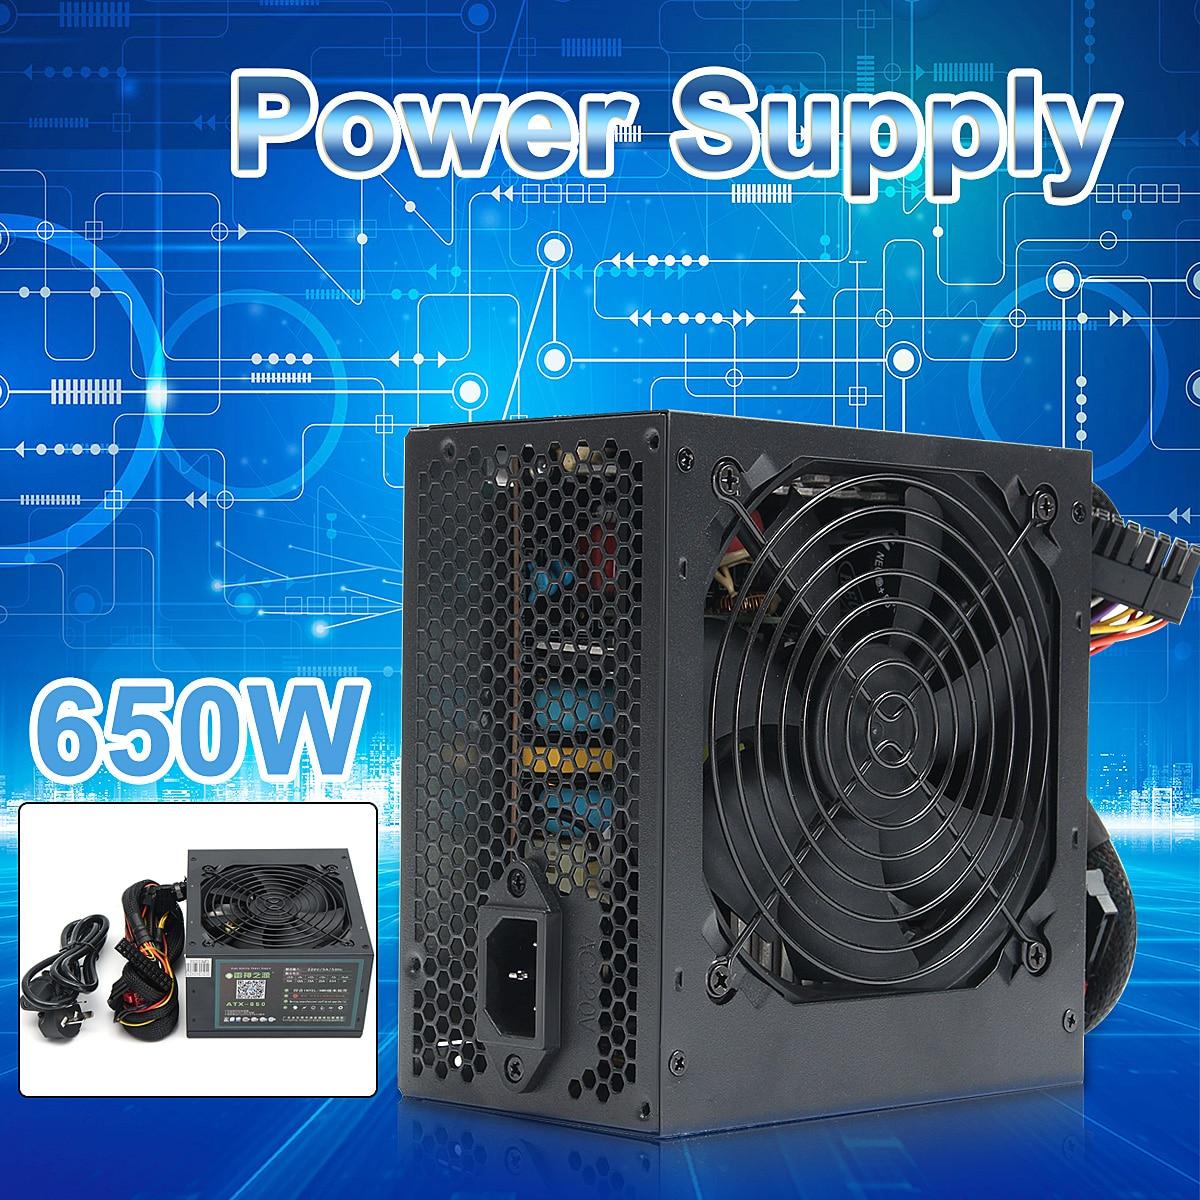 350 w 650 w di Picco-PSU ATX 12 v PC Gaming Alimentazione 24Pin/Molex/Sata 12 cm Fan di Alimentazione Del Computer di Alimentazione Per BTC